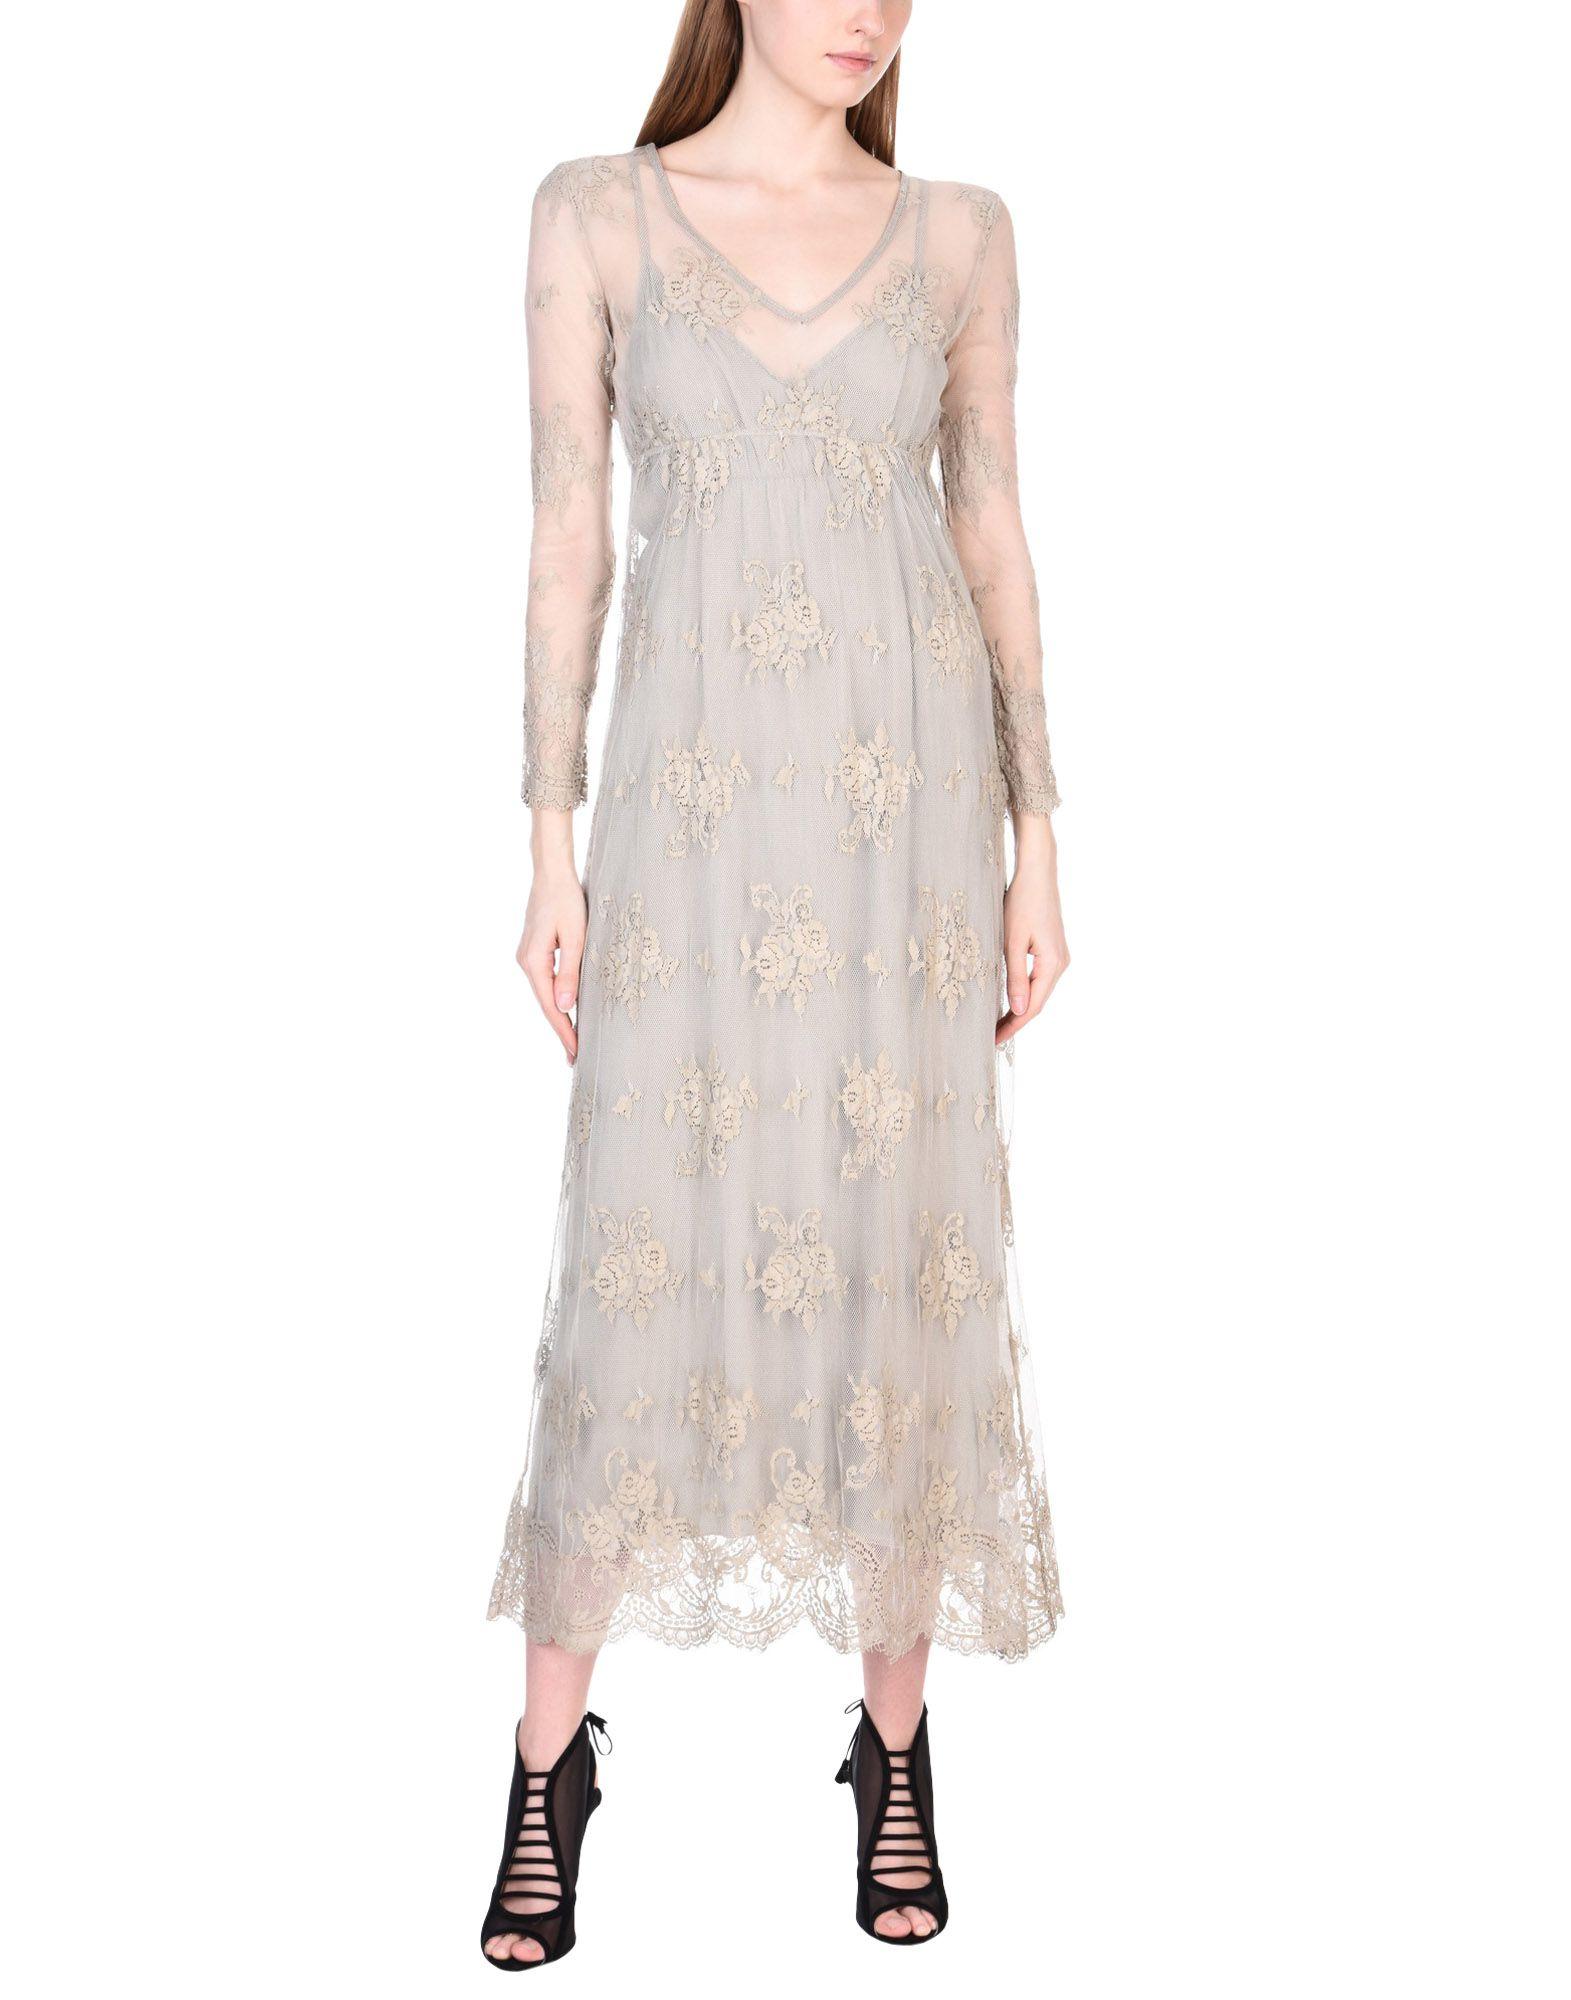 PINK MEMORIES Длинное платье hitorat платье элегантной моды юбка 2015 осень зима новый стиль длинное платье рукав